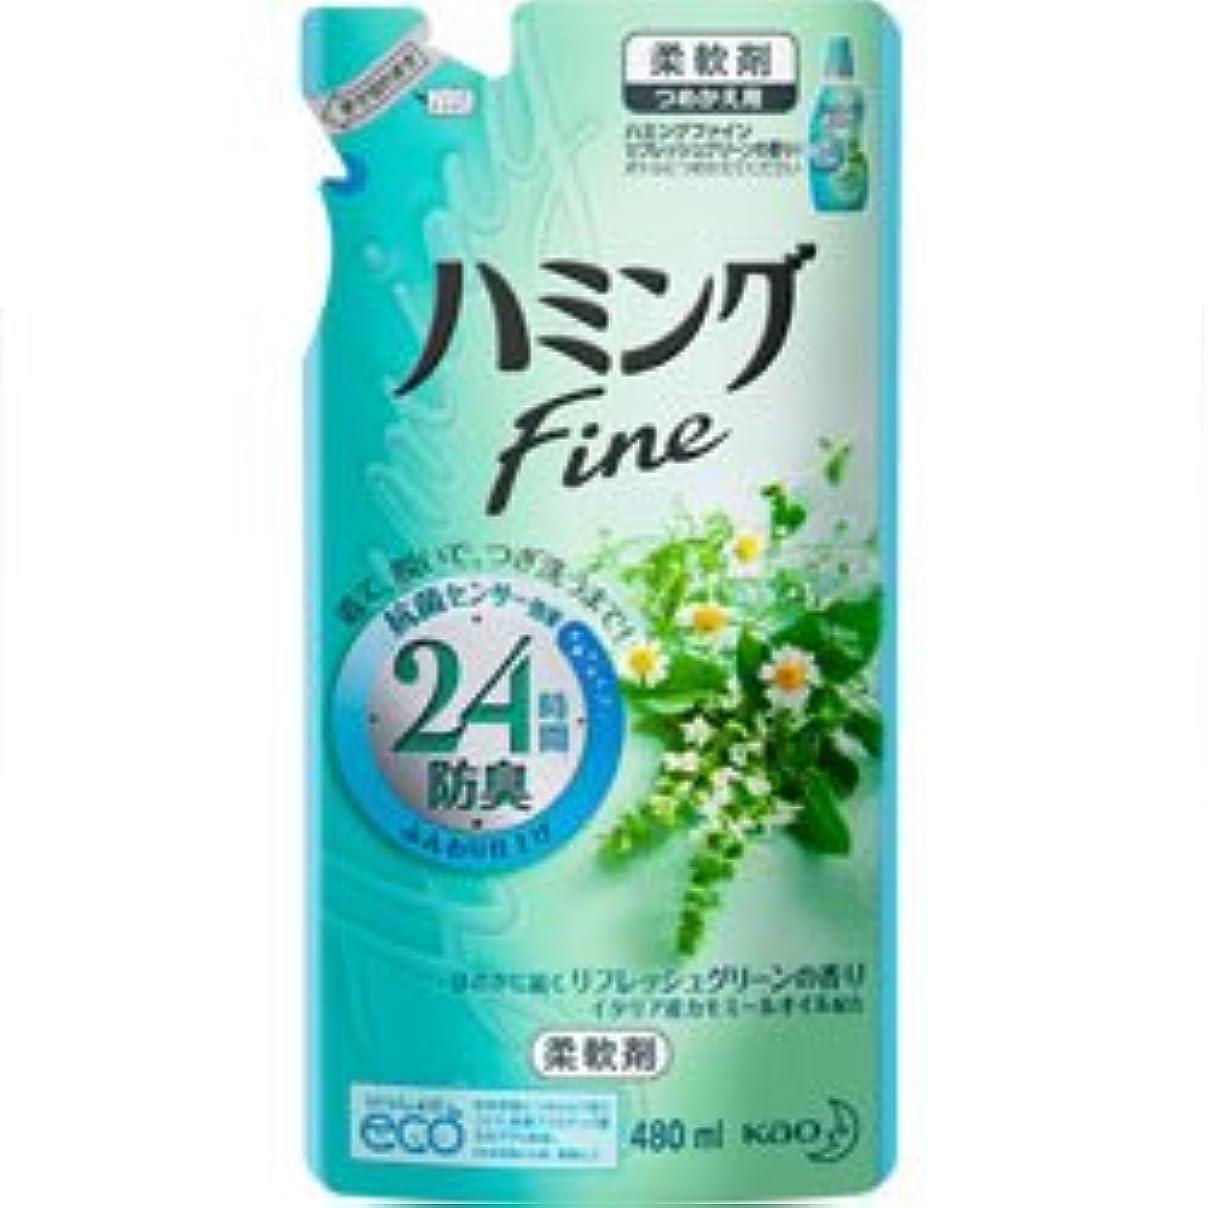 流暢一時停止学ぶ【花王】ハミングファイン リフレッシュグリーンの香り つめかえ用 480ml ×20個セット